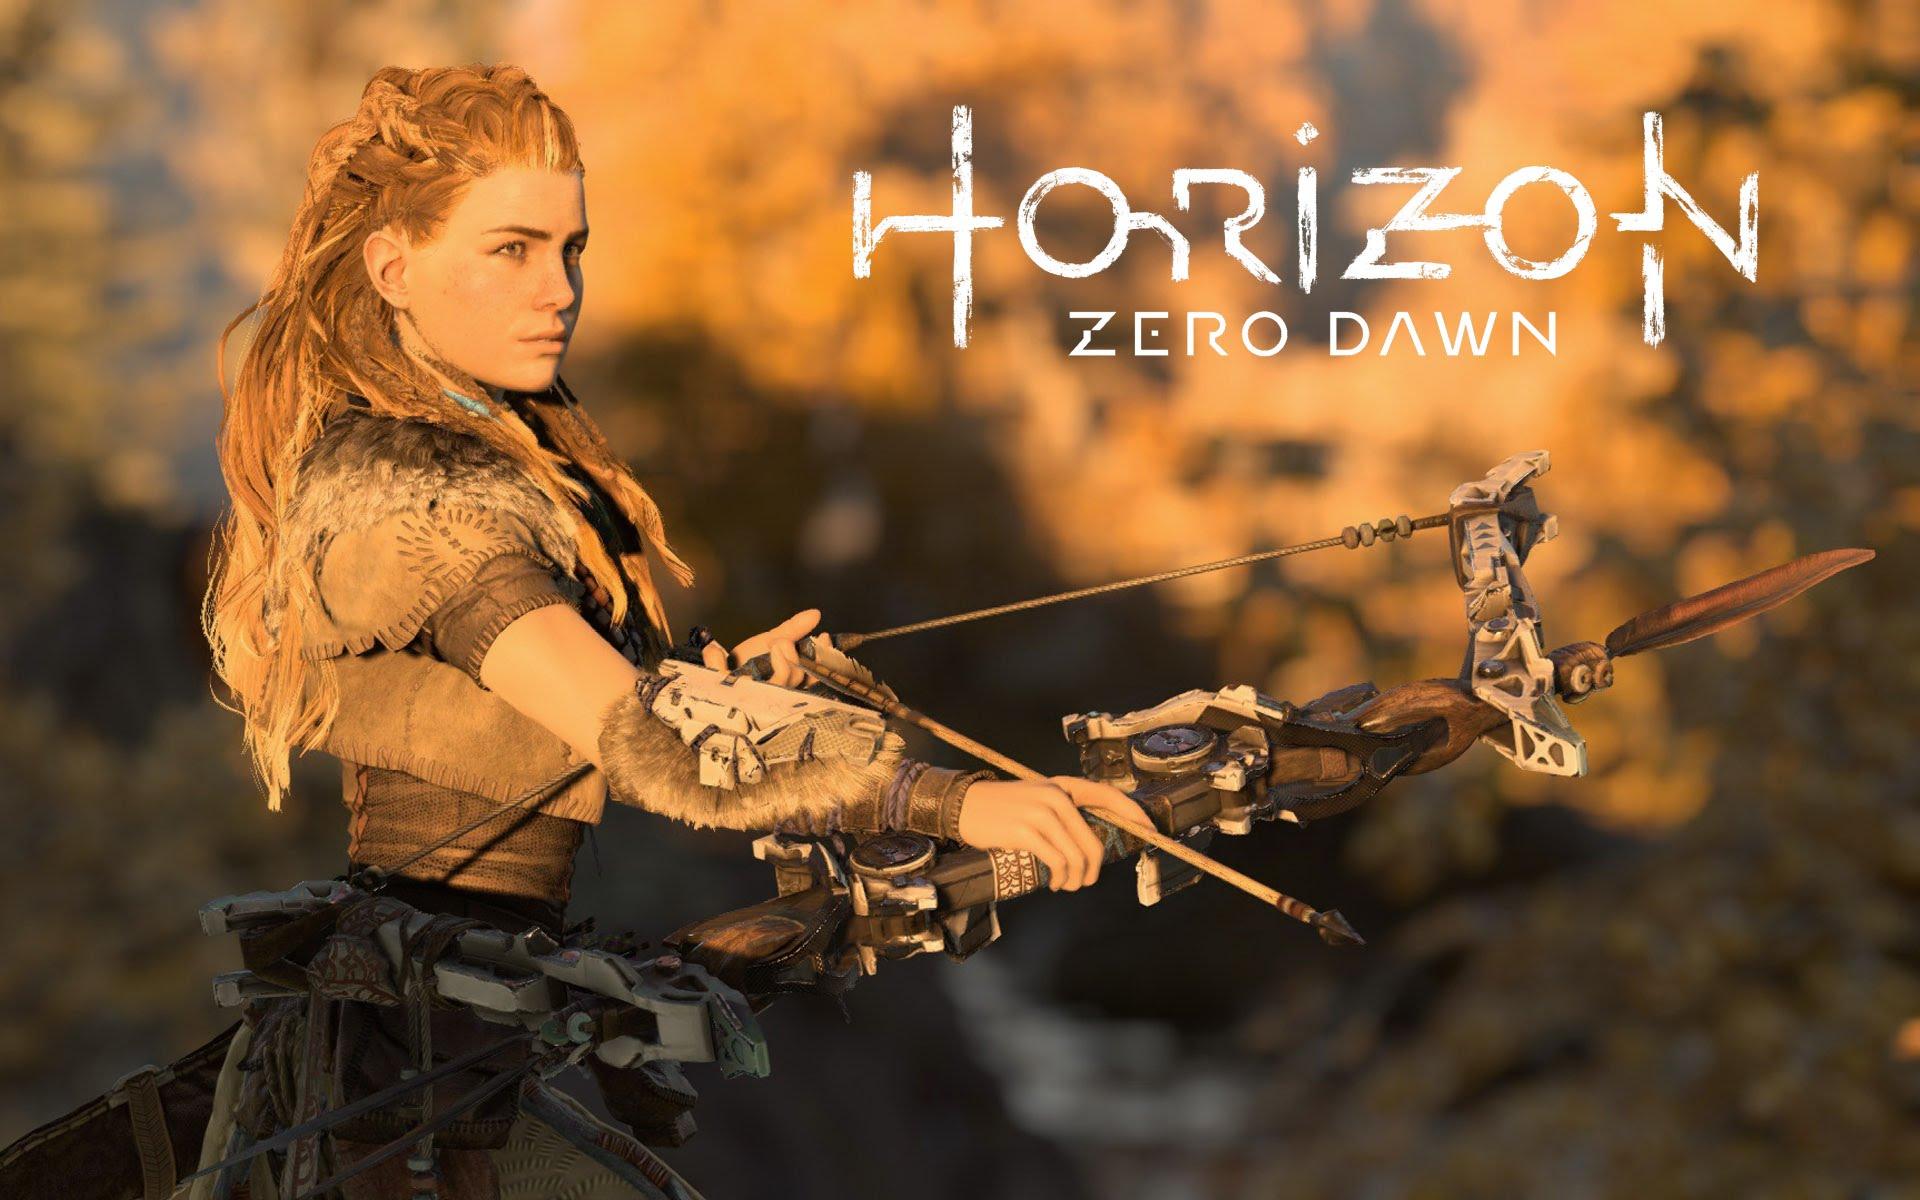 Aloy Horizon Zero Dawn Wallpaper: Horizon Zero Dawn Wallpapers, Pictures, Images